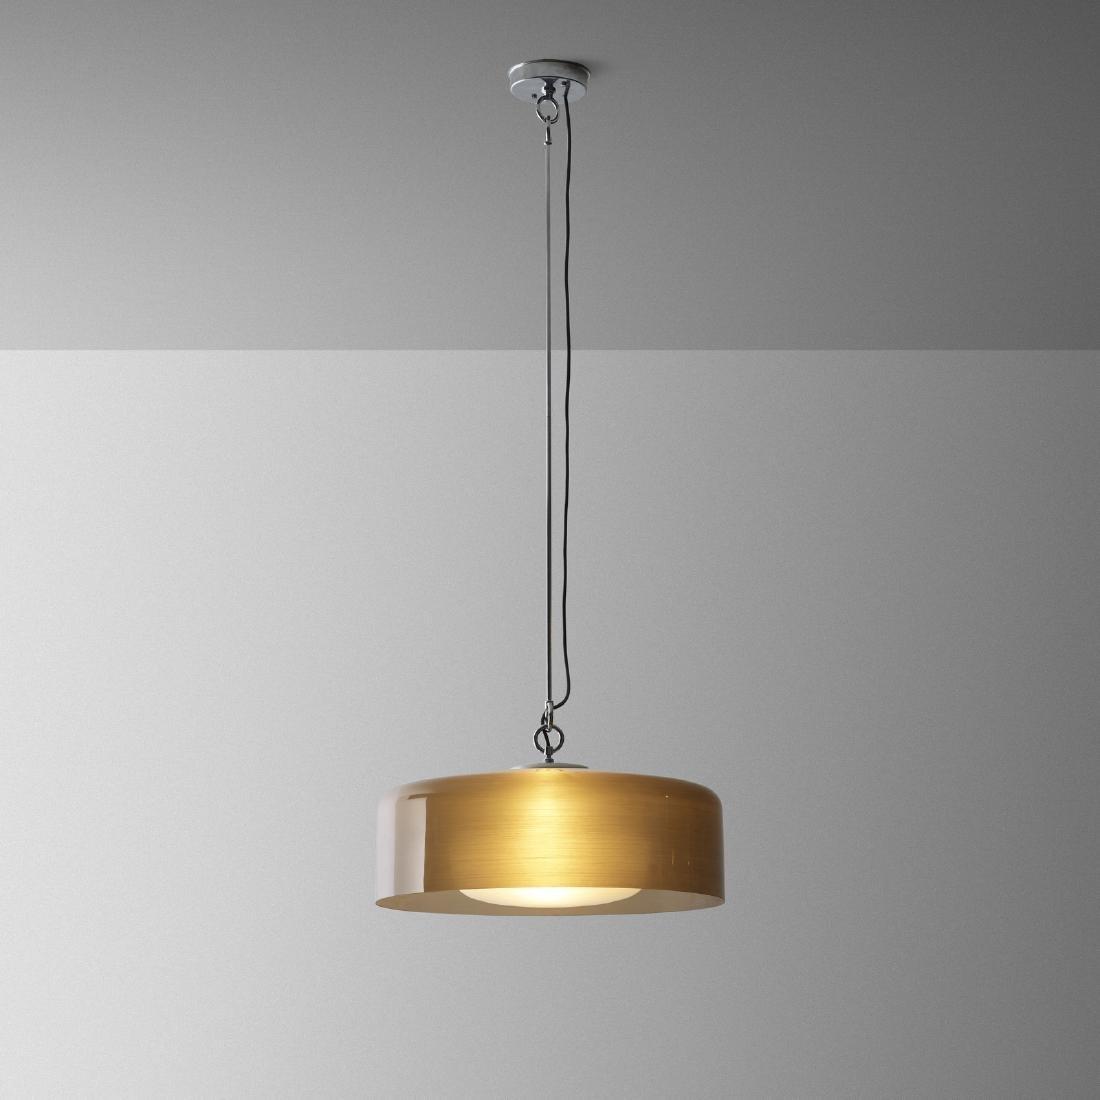 Franco Albini & Franca Helg, ceiling light, model 2050